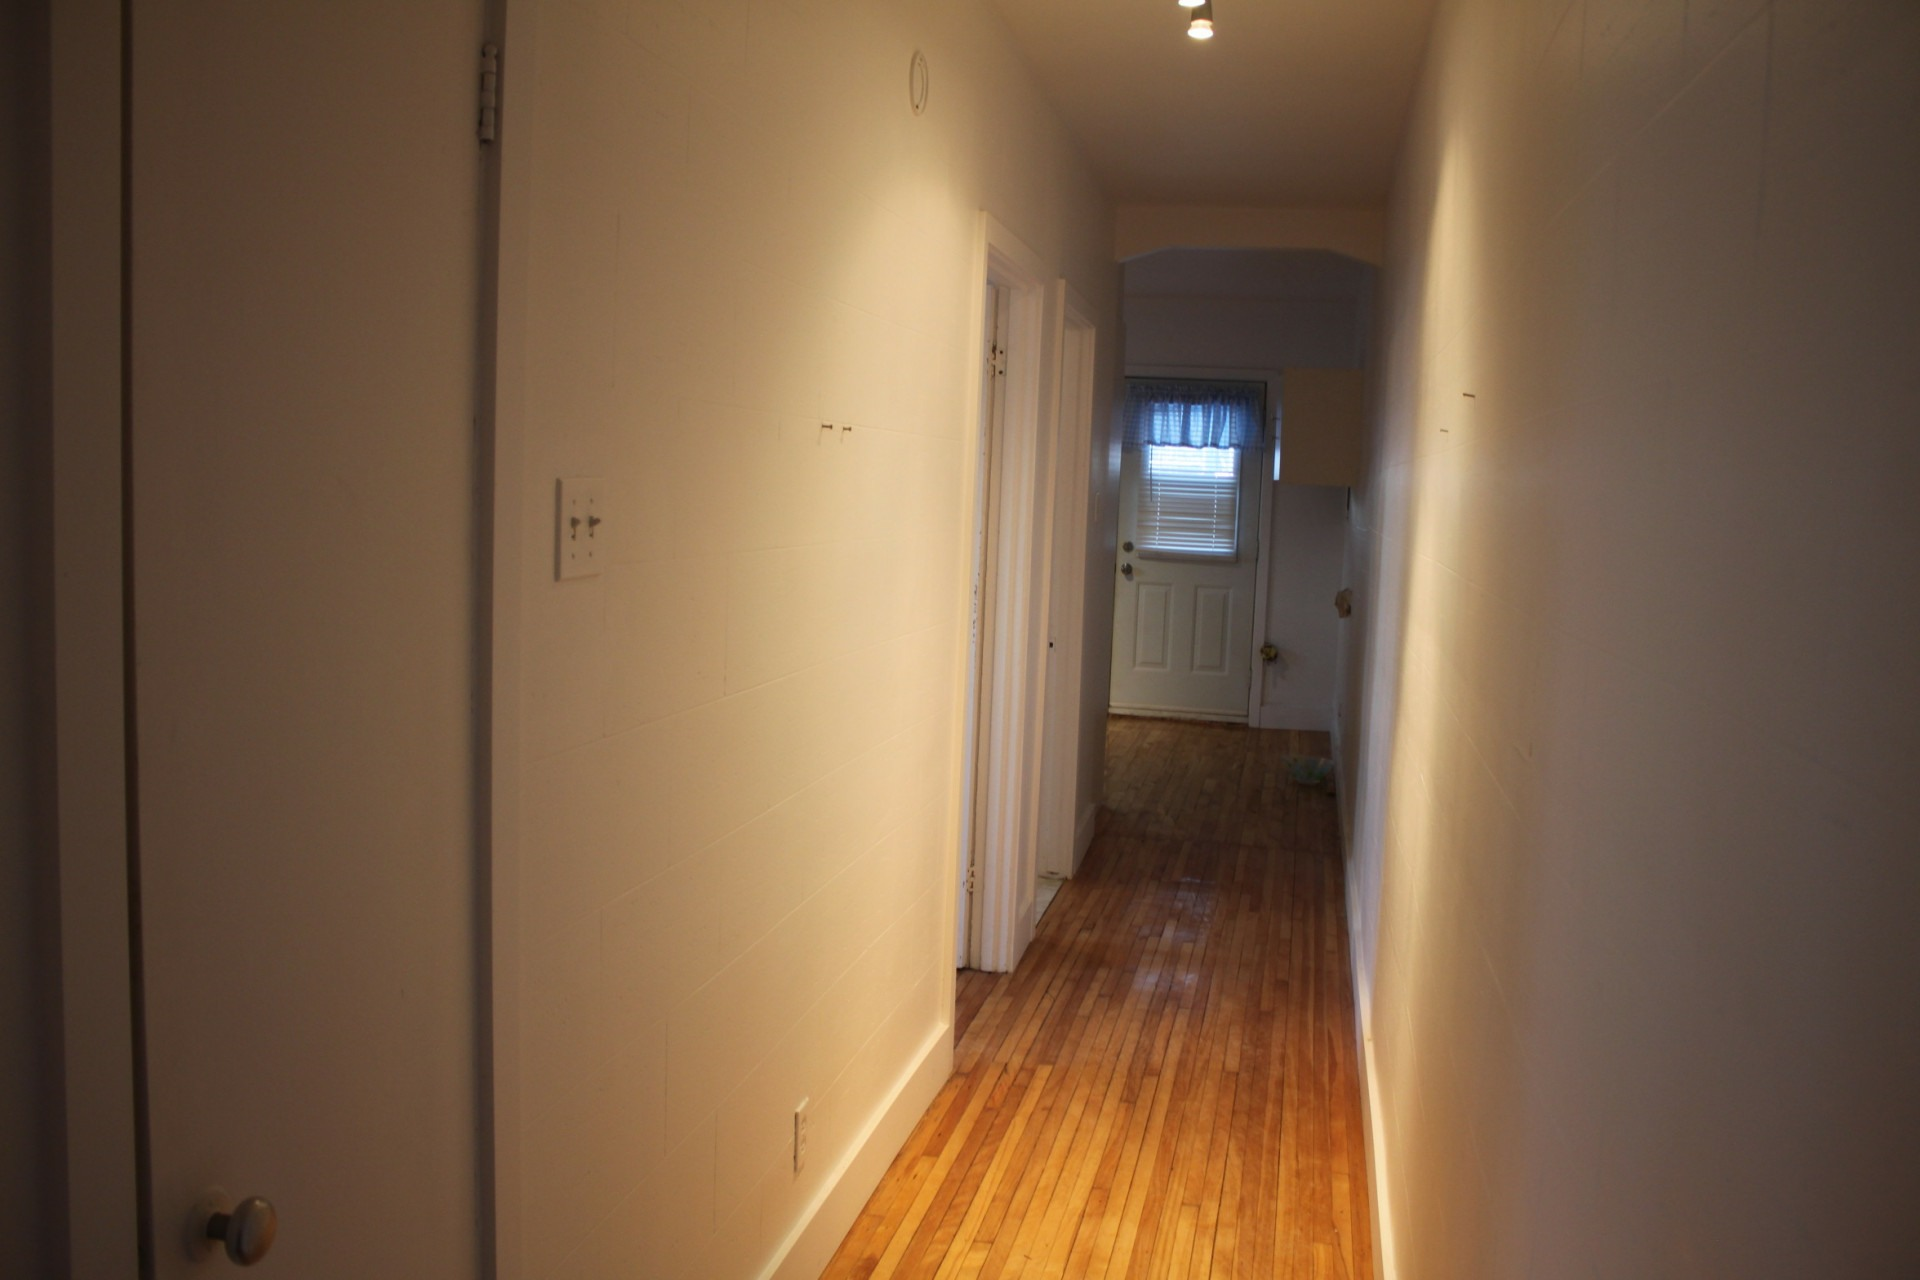 image 4 - Apartment For rent Montréal Mercier - 3 rooms